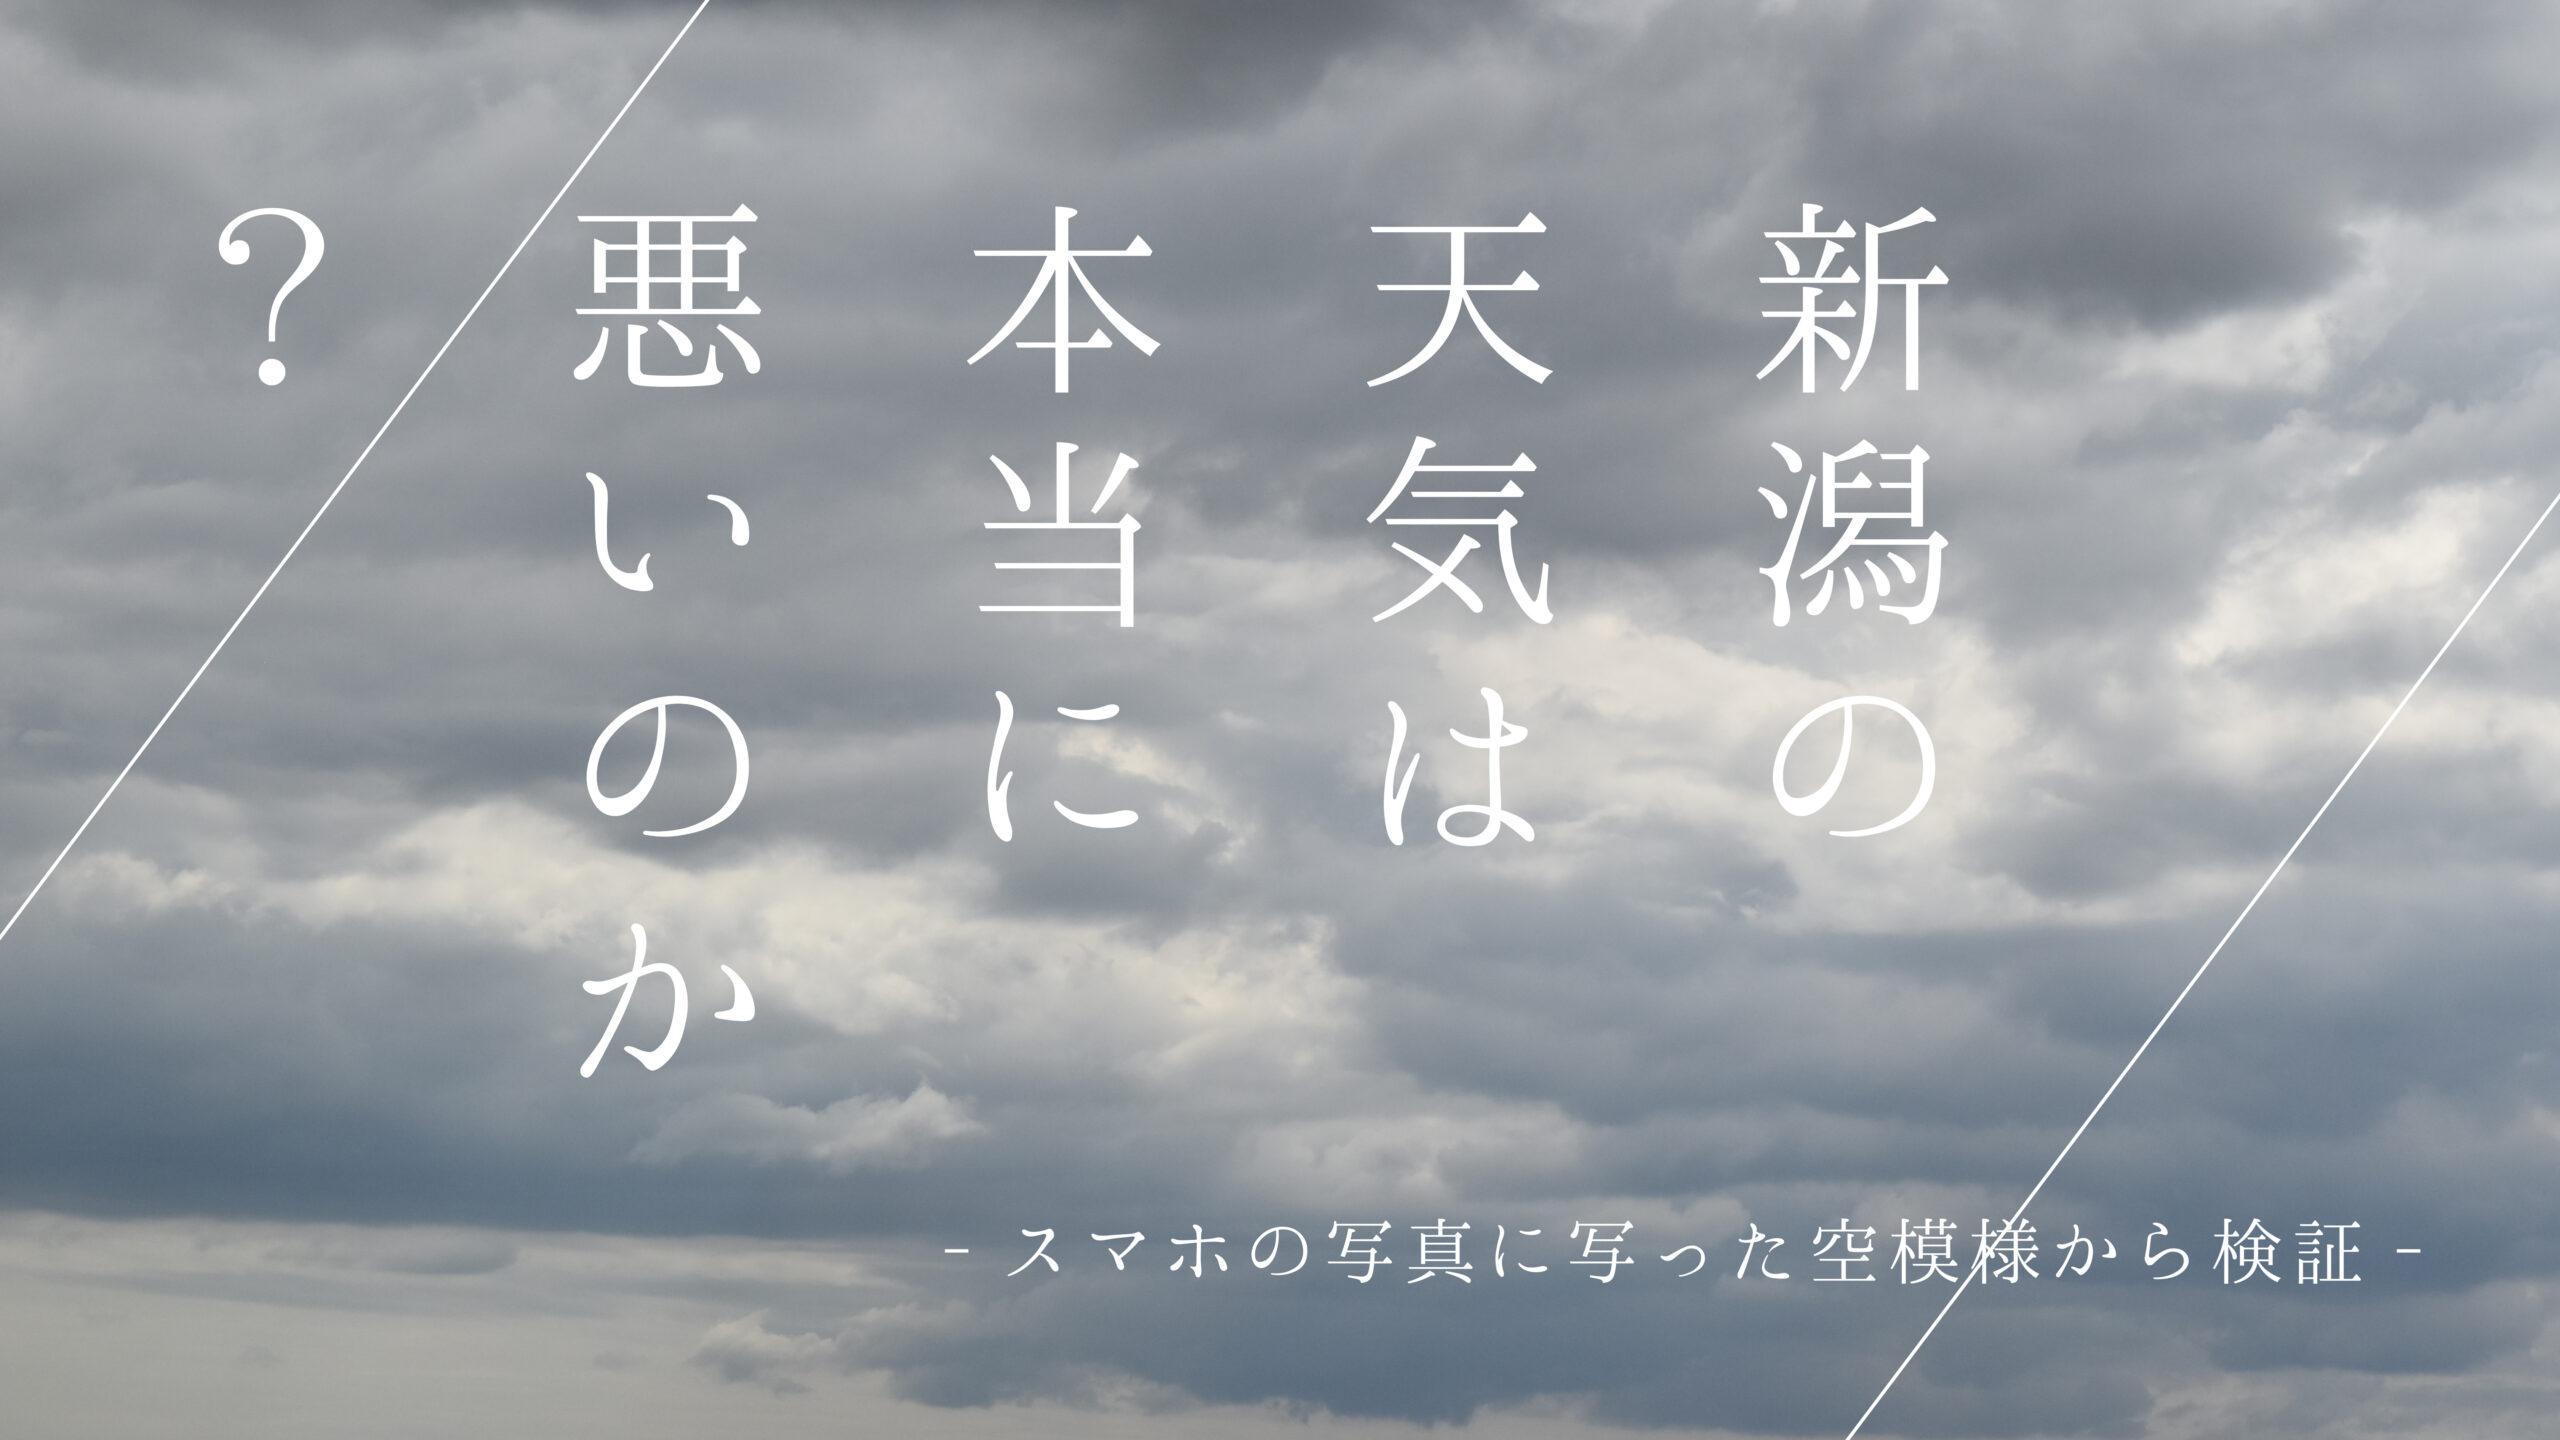 新潟の天気は本当に悪いのか!?スマホの写真に写った空模様から季節別に検証【統計データも有】